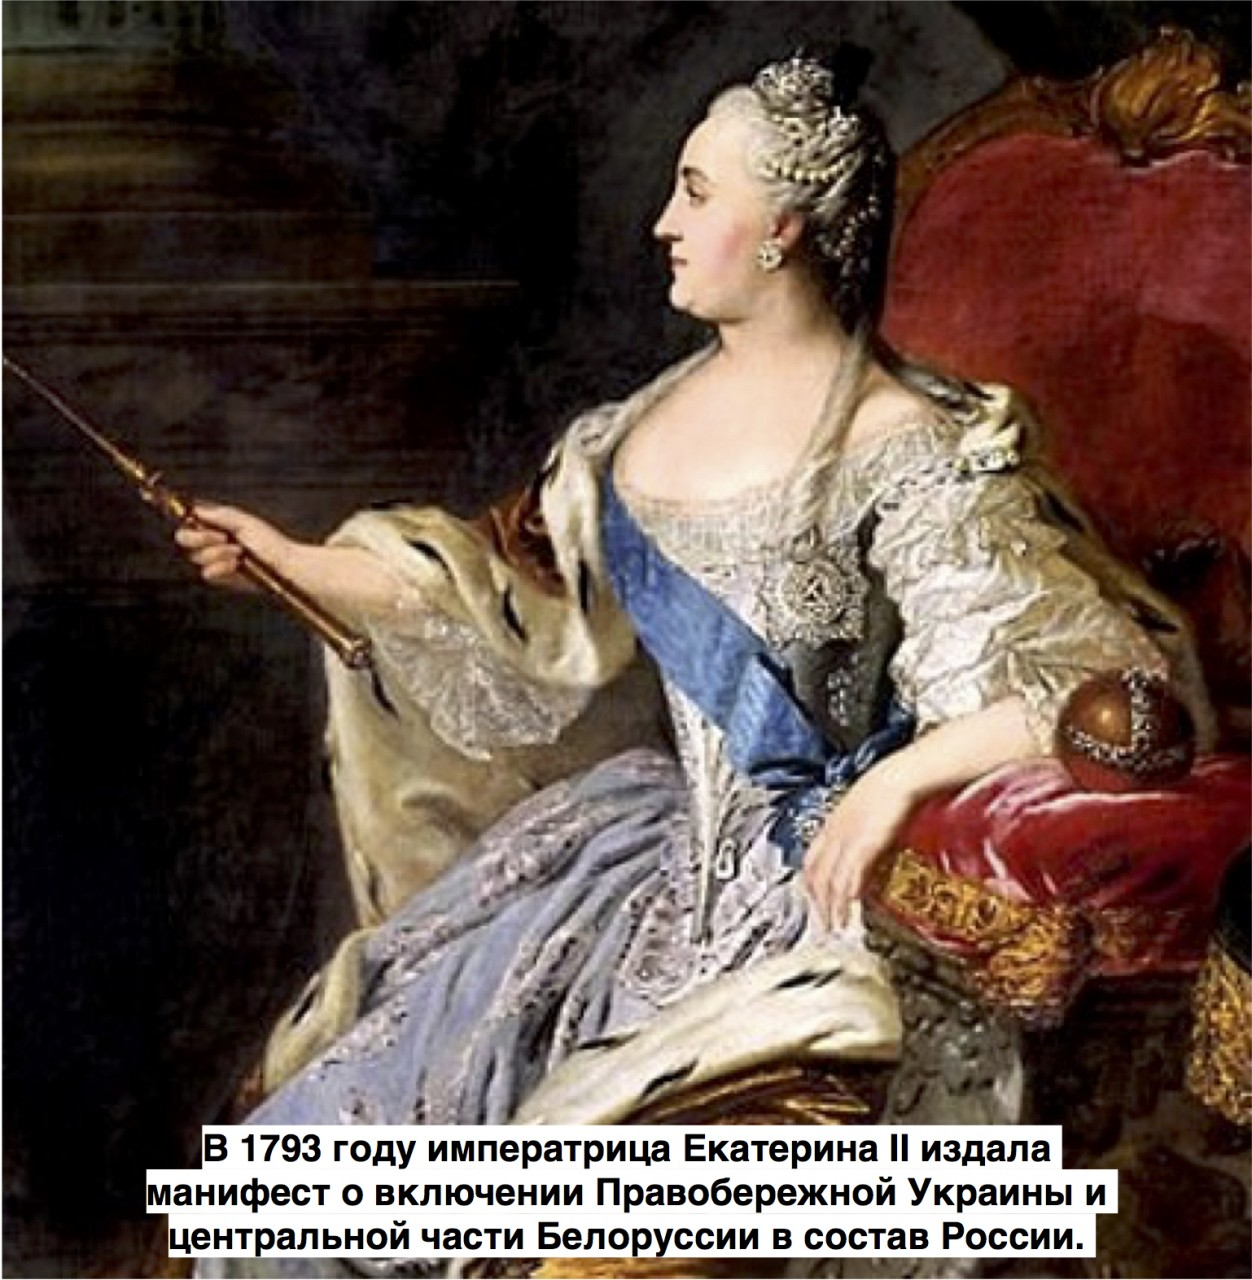 27 марта 1793 года включение Правобережной Украины в состав Российской империи